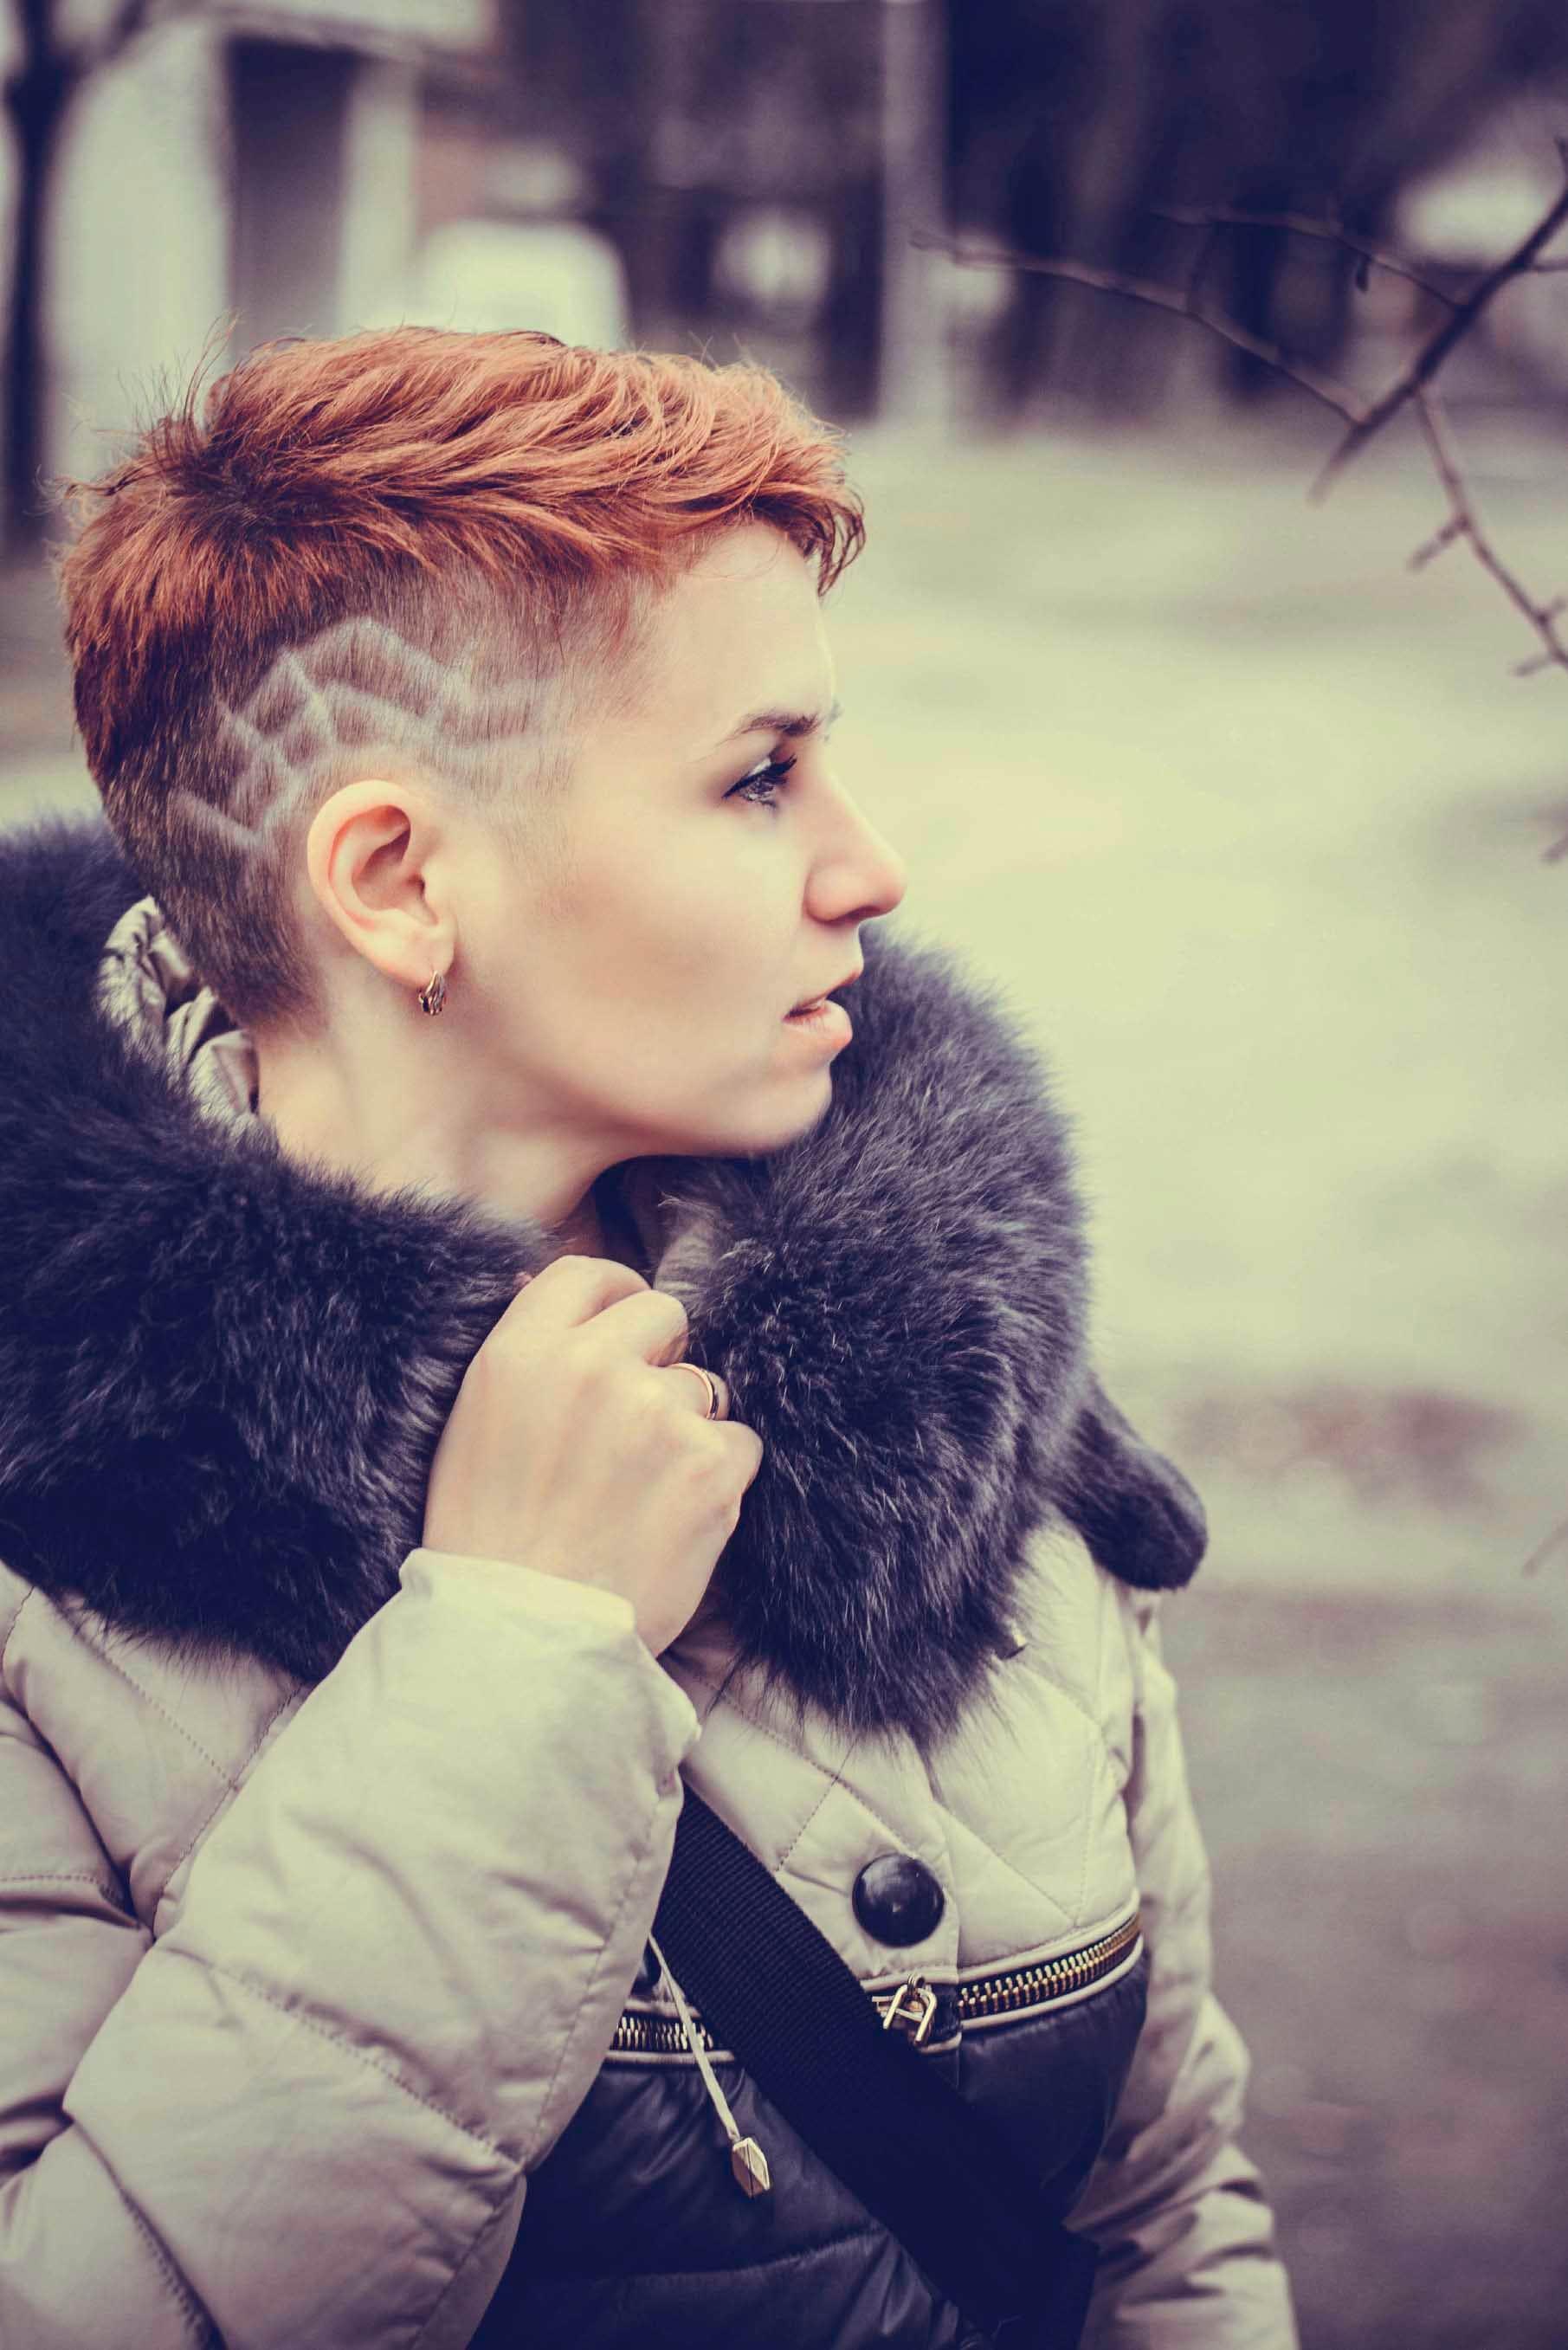 pelo corto corte pixie con rapado lateral undercut tintura rojo